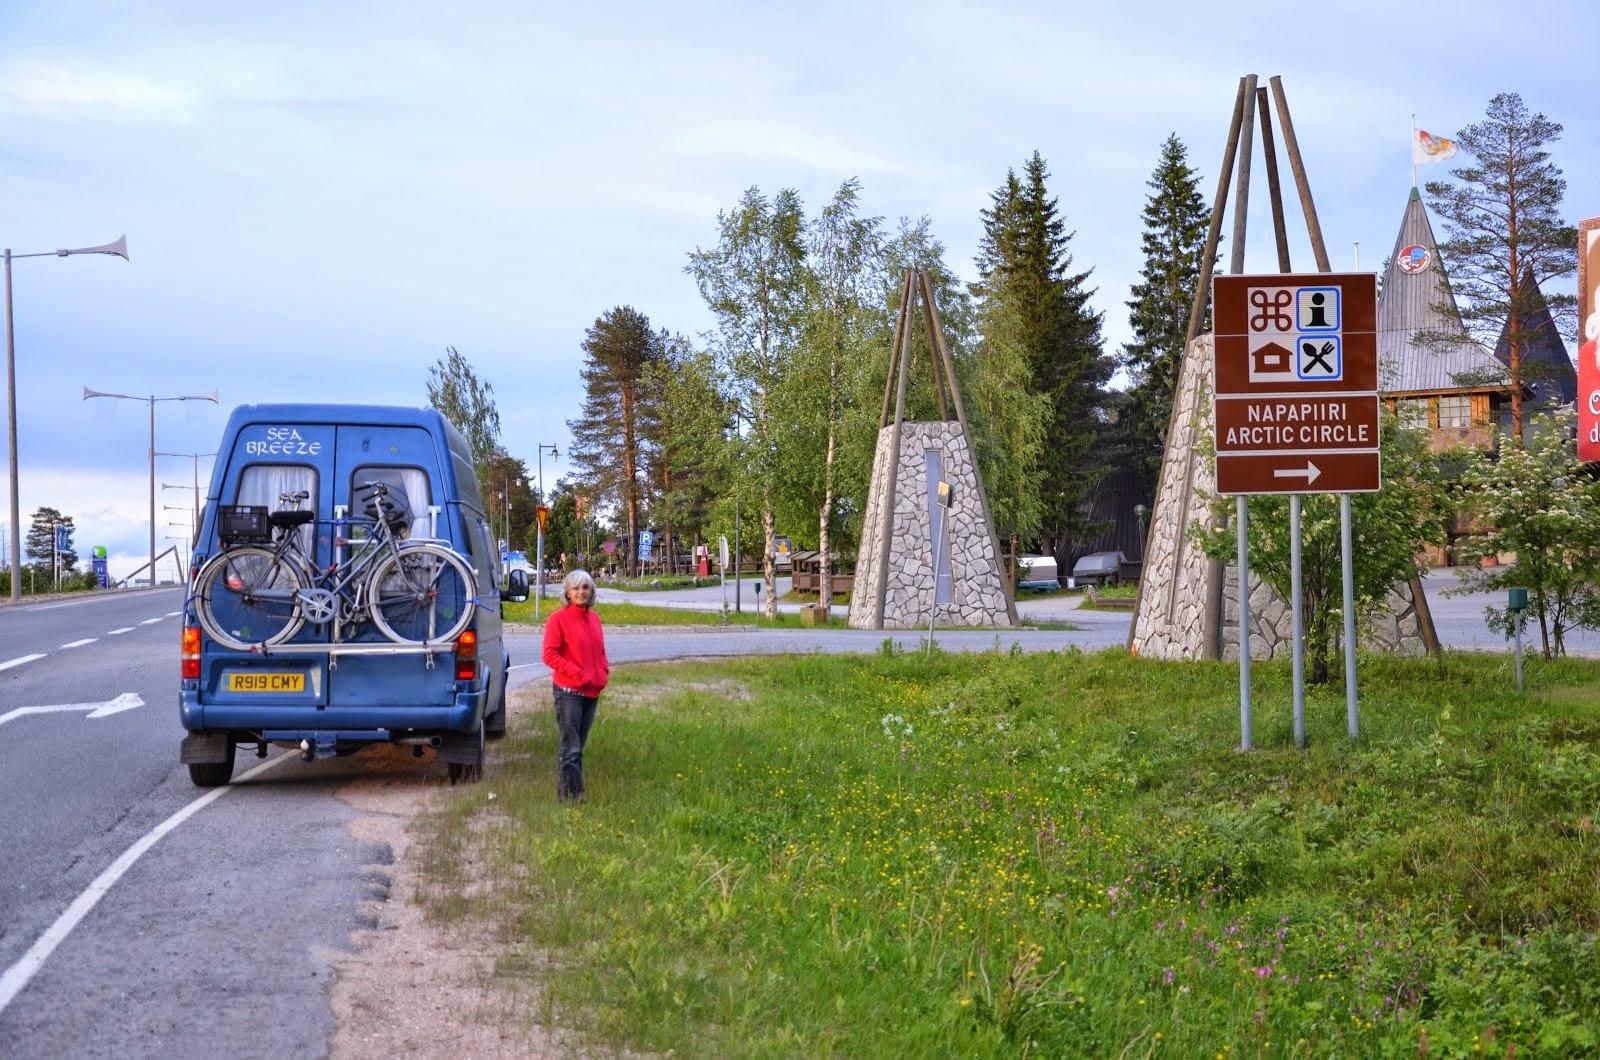 Our Scandinavia Tour